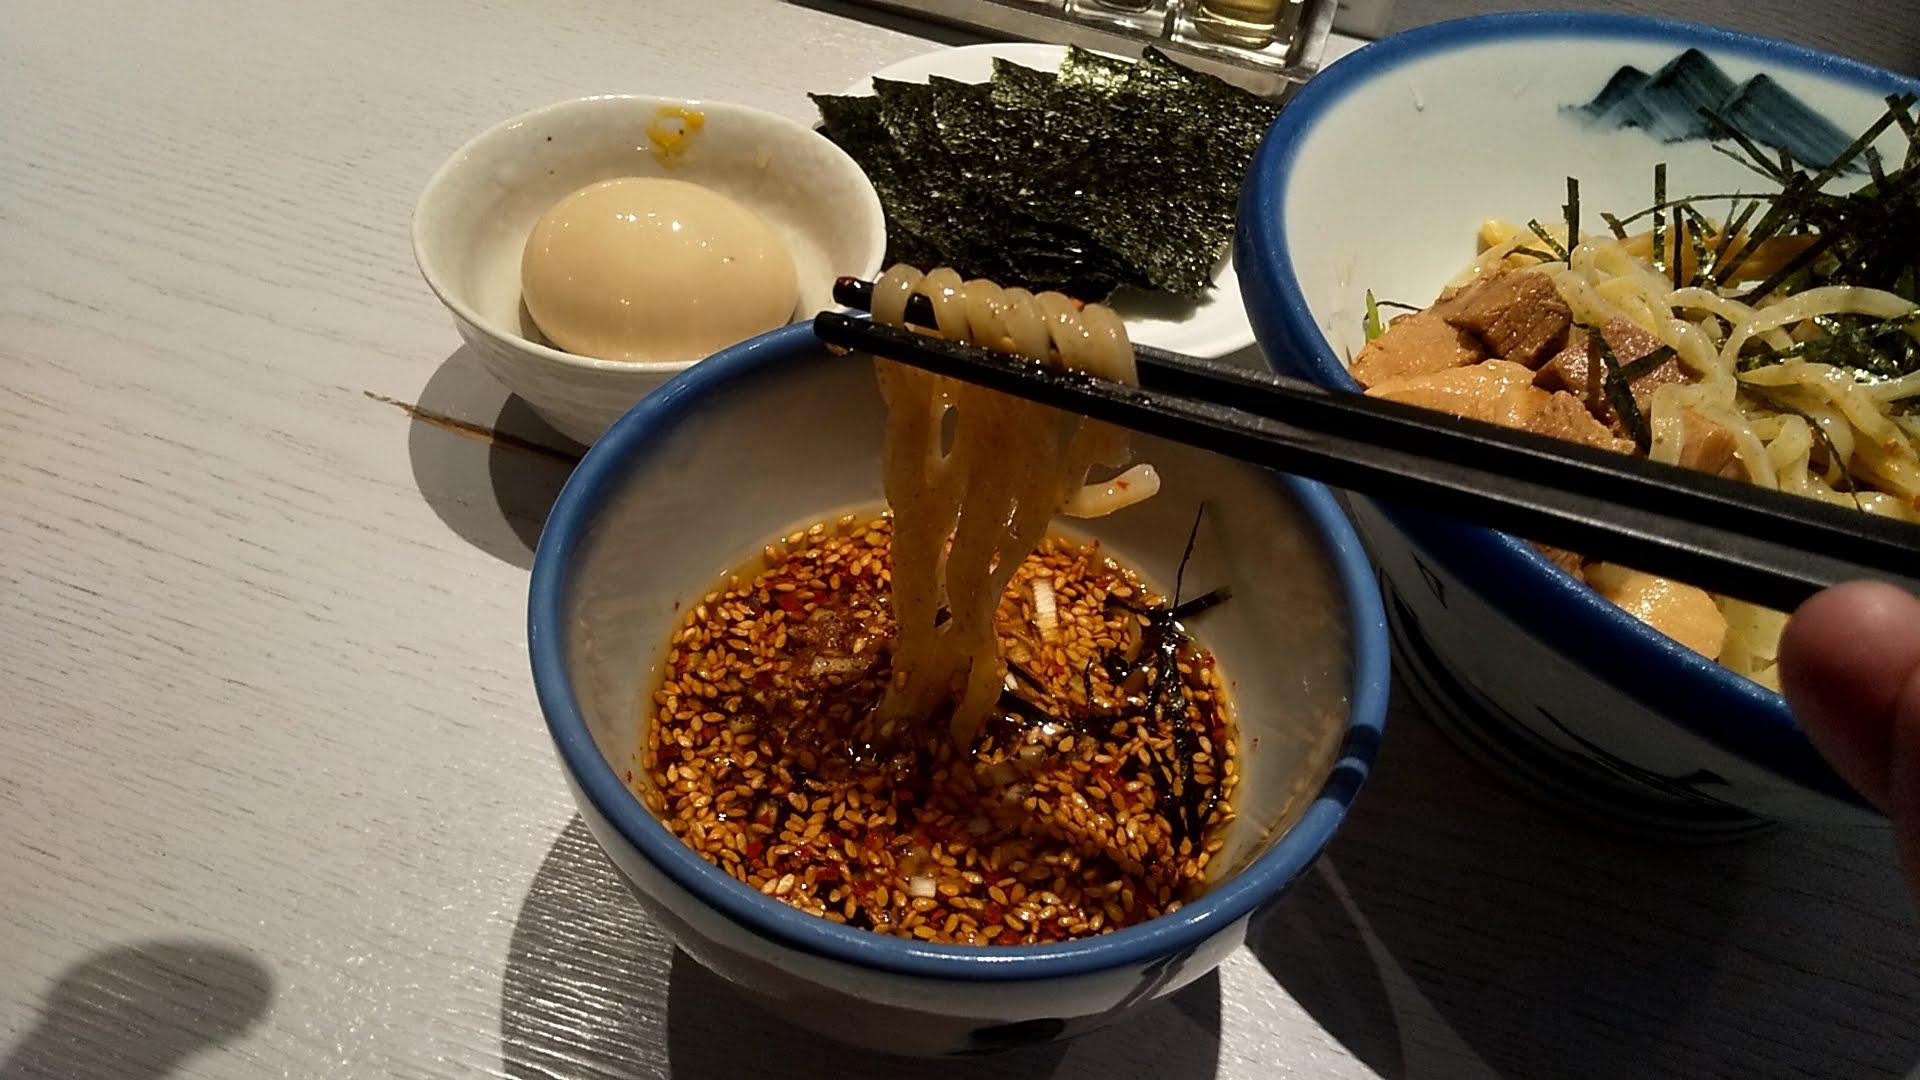 AFURI六本木ヒルズ店のつけ麺の麺リフト写真